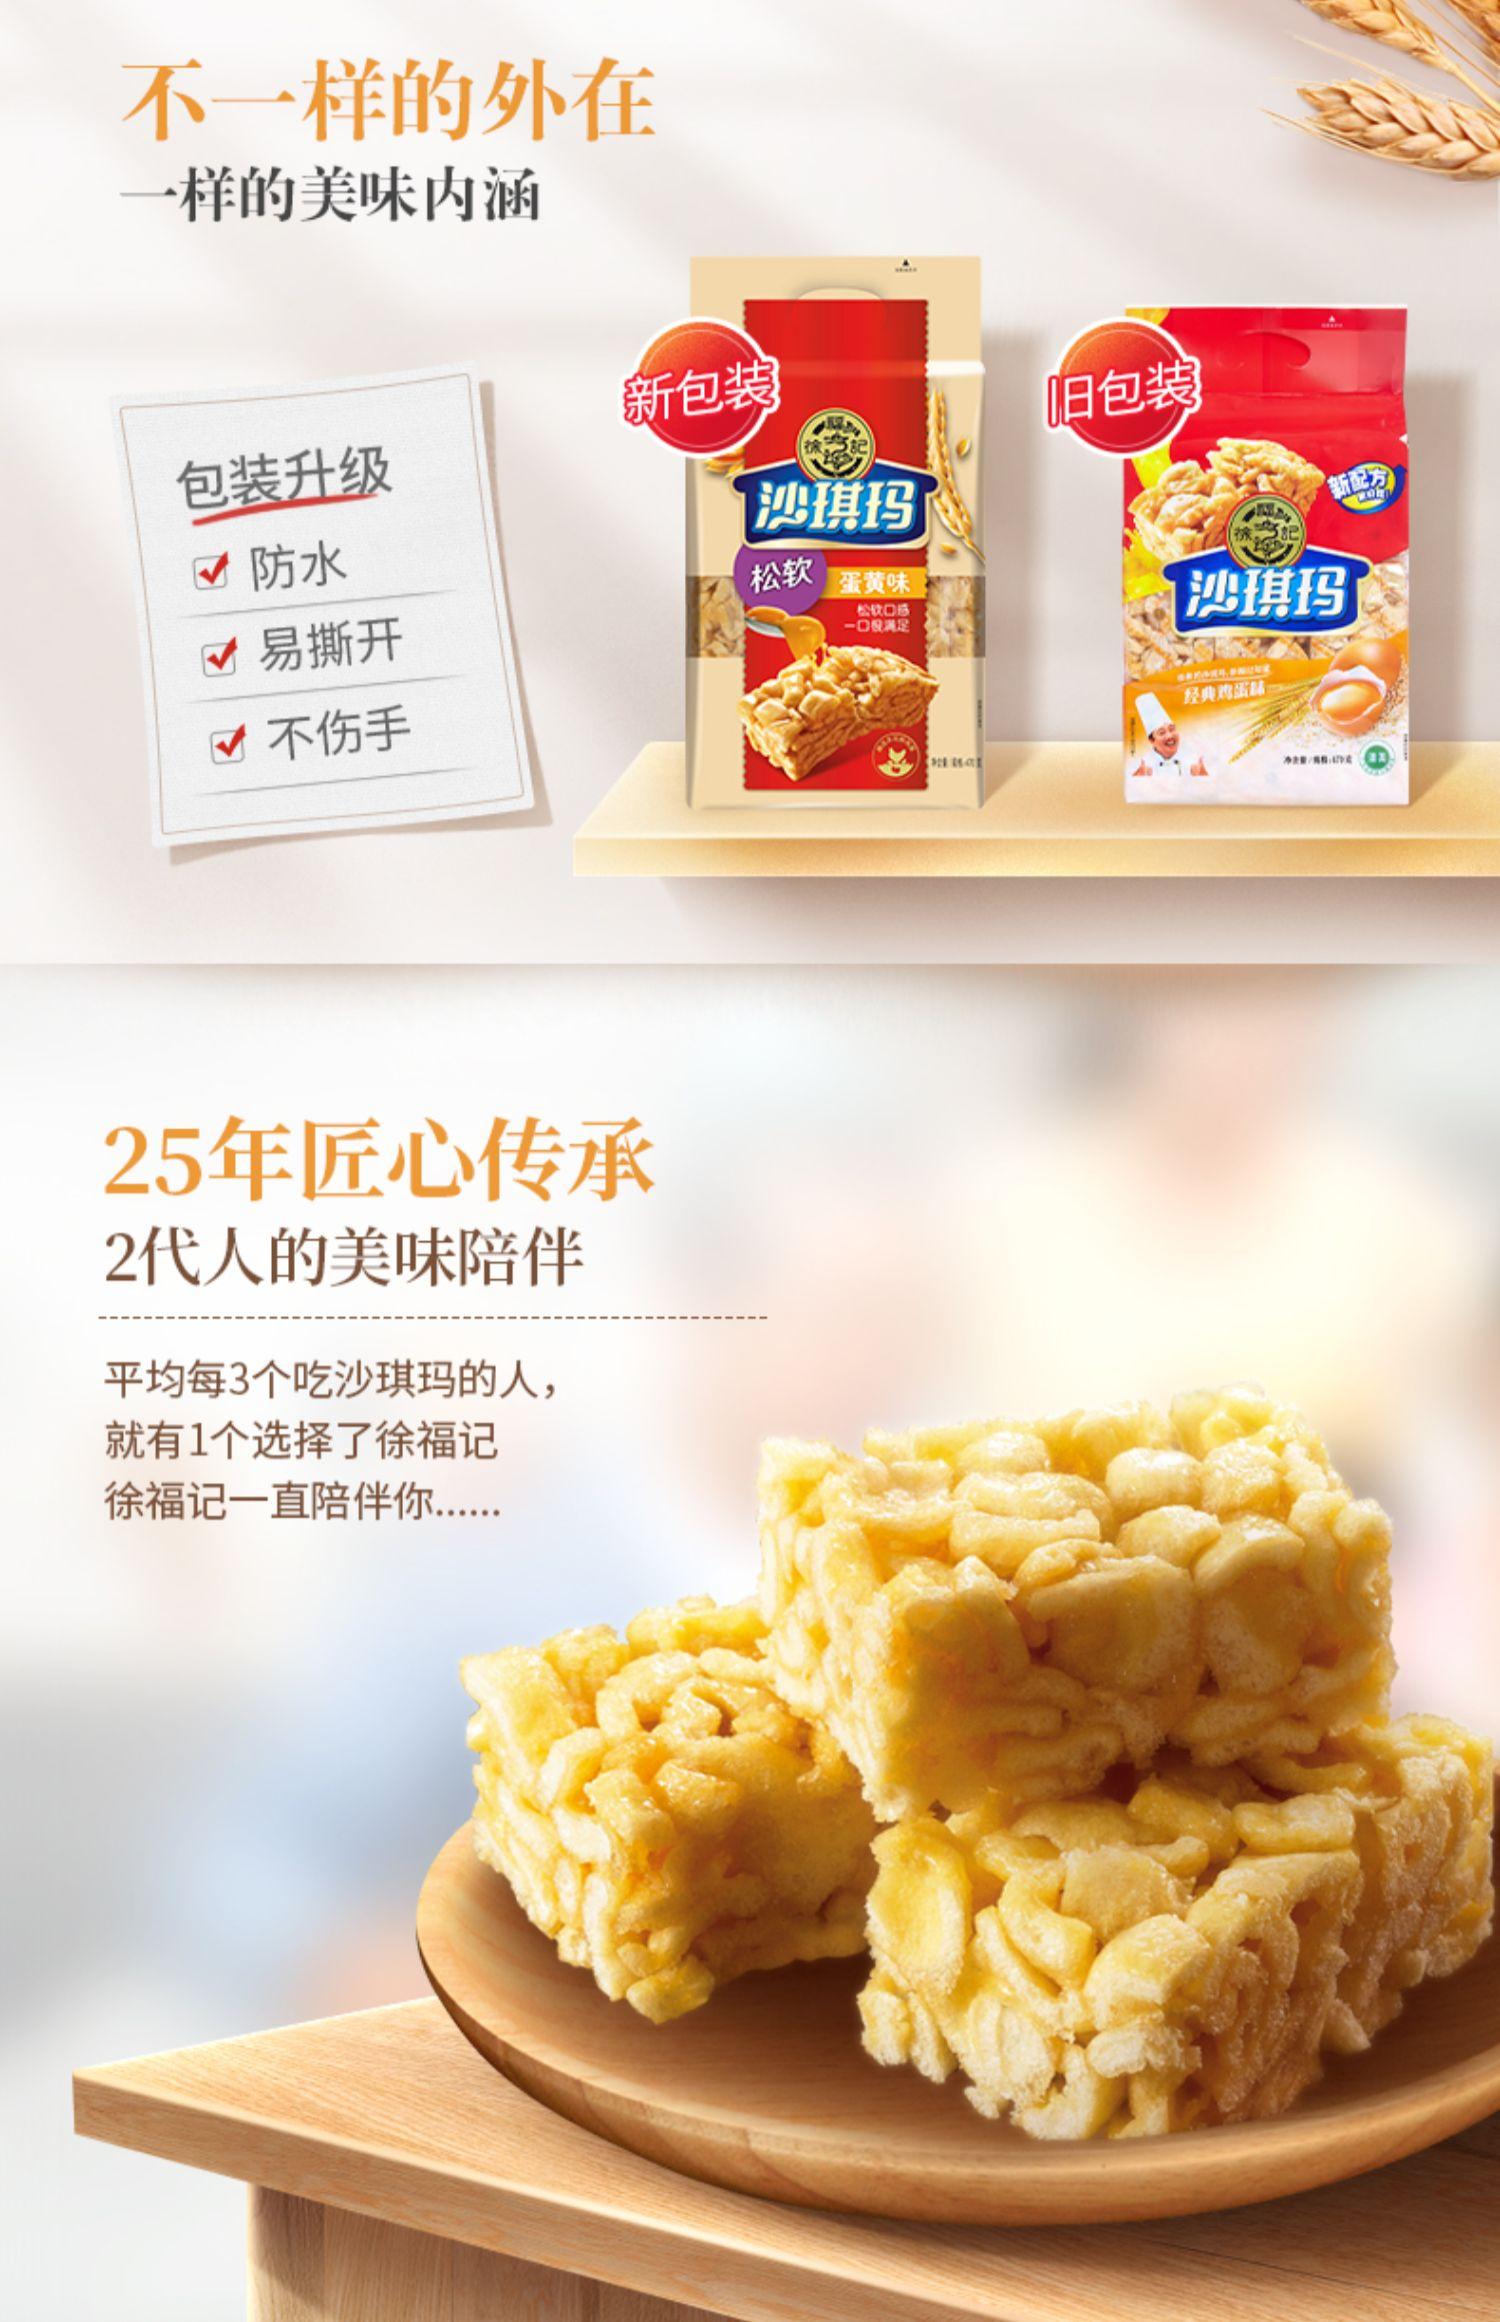 【徐福记大牌!】沙琪玛470gX2大袋10